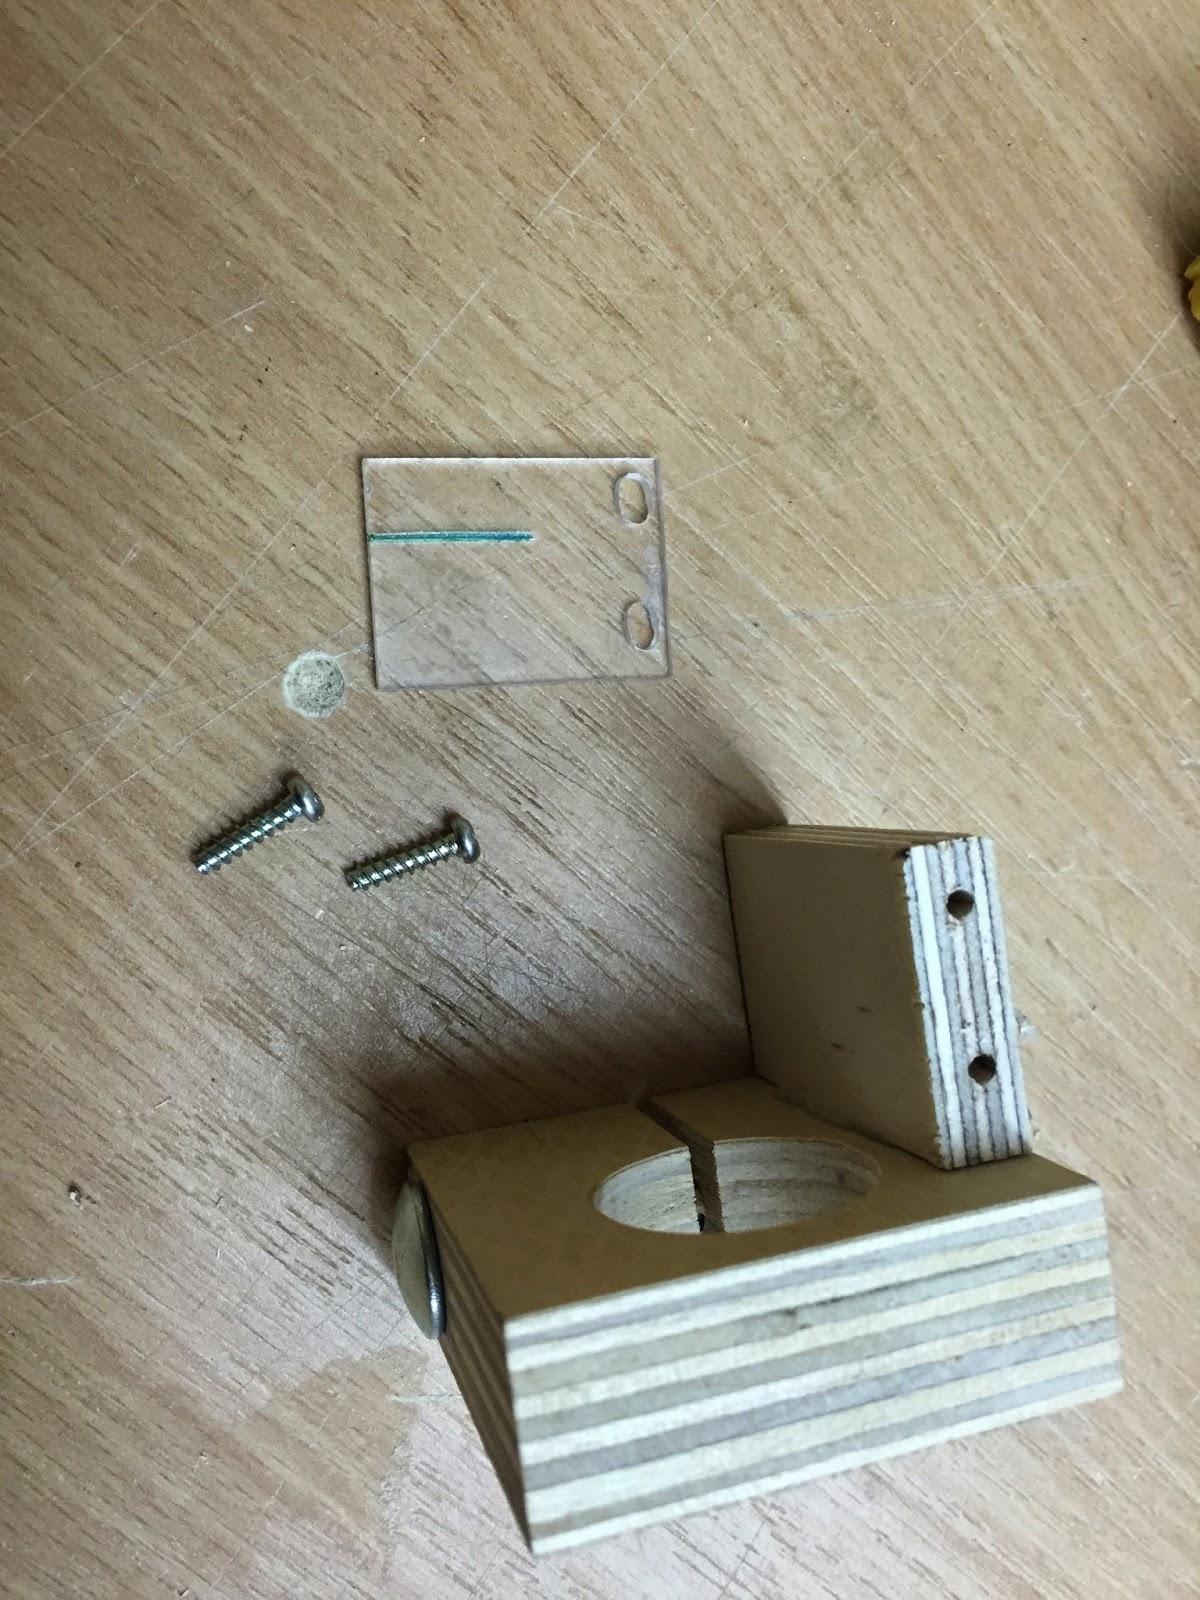 ma anschlagschienen 2 0 anschlagschienen f r bosch mafell f hrungsschienen. Black Bedroom Furniture Sets. Home Design Ideas